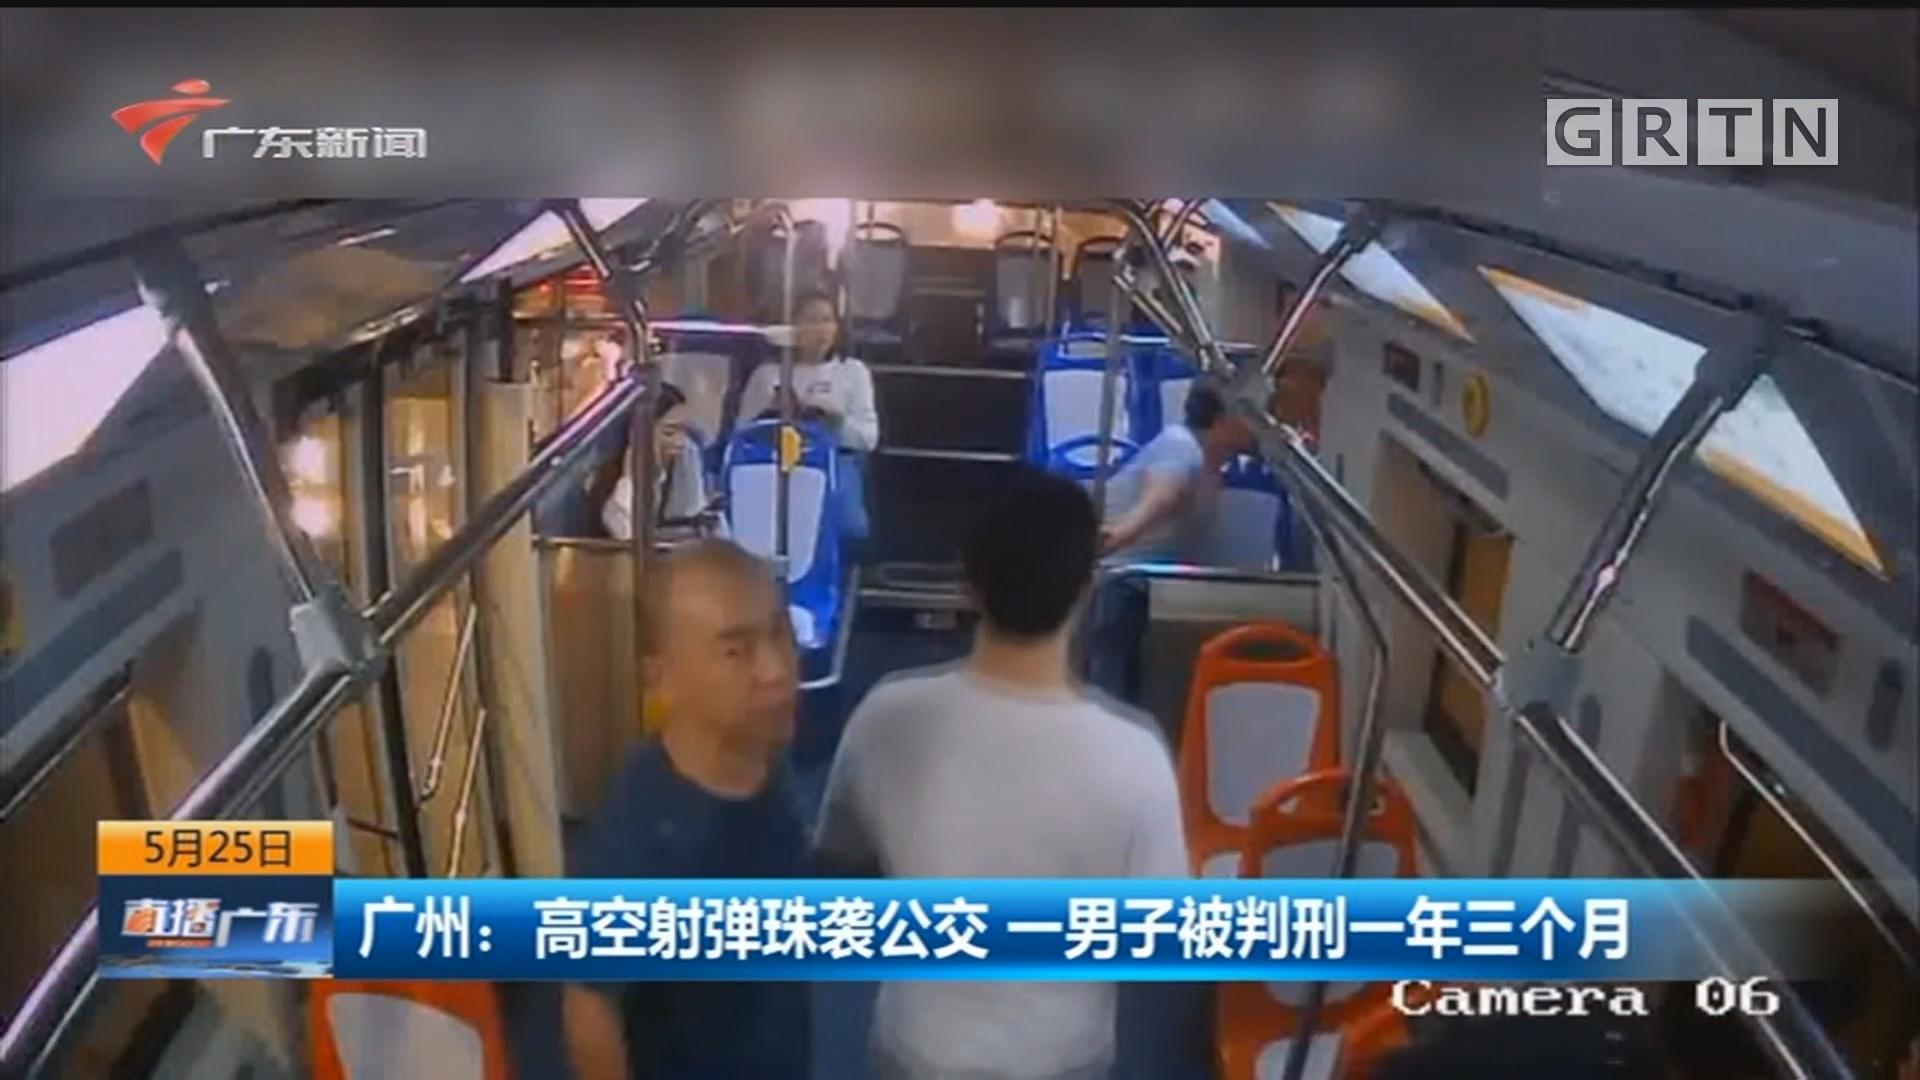 广州:高空射弹珠袭公交 一男子被判刑一年三个月